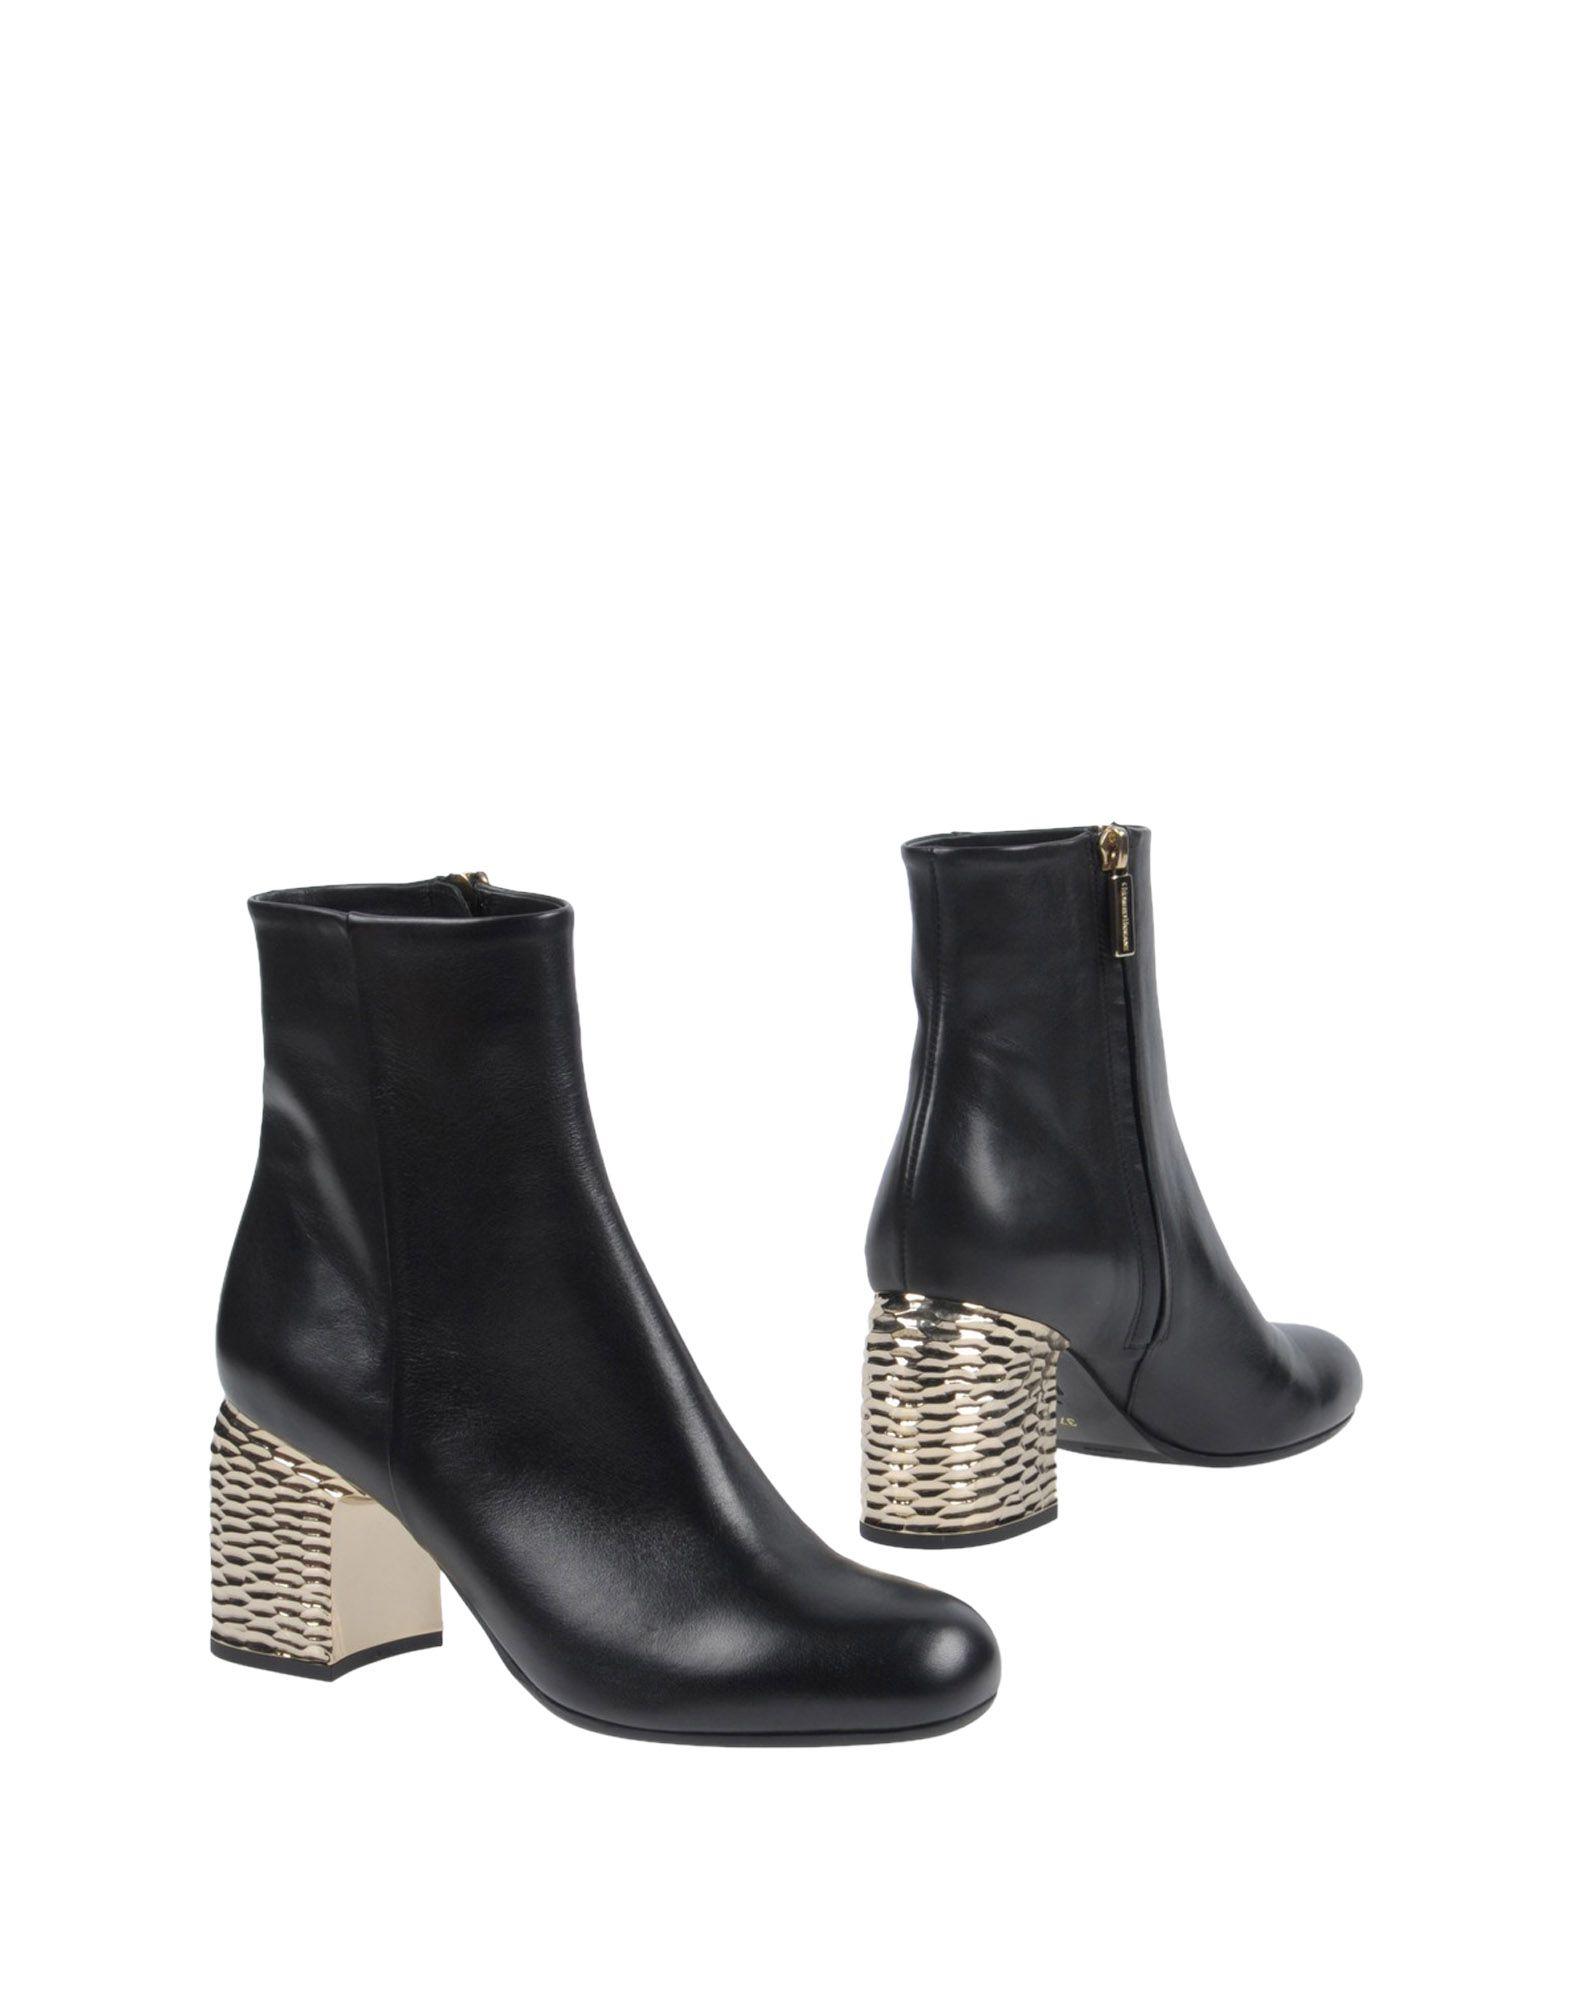 GIORGIO FABIANI Полусапоги и высокие ботинки giorgio fabiani полусапоги и высокие ботинки